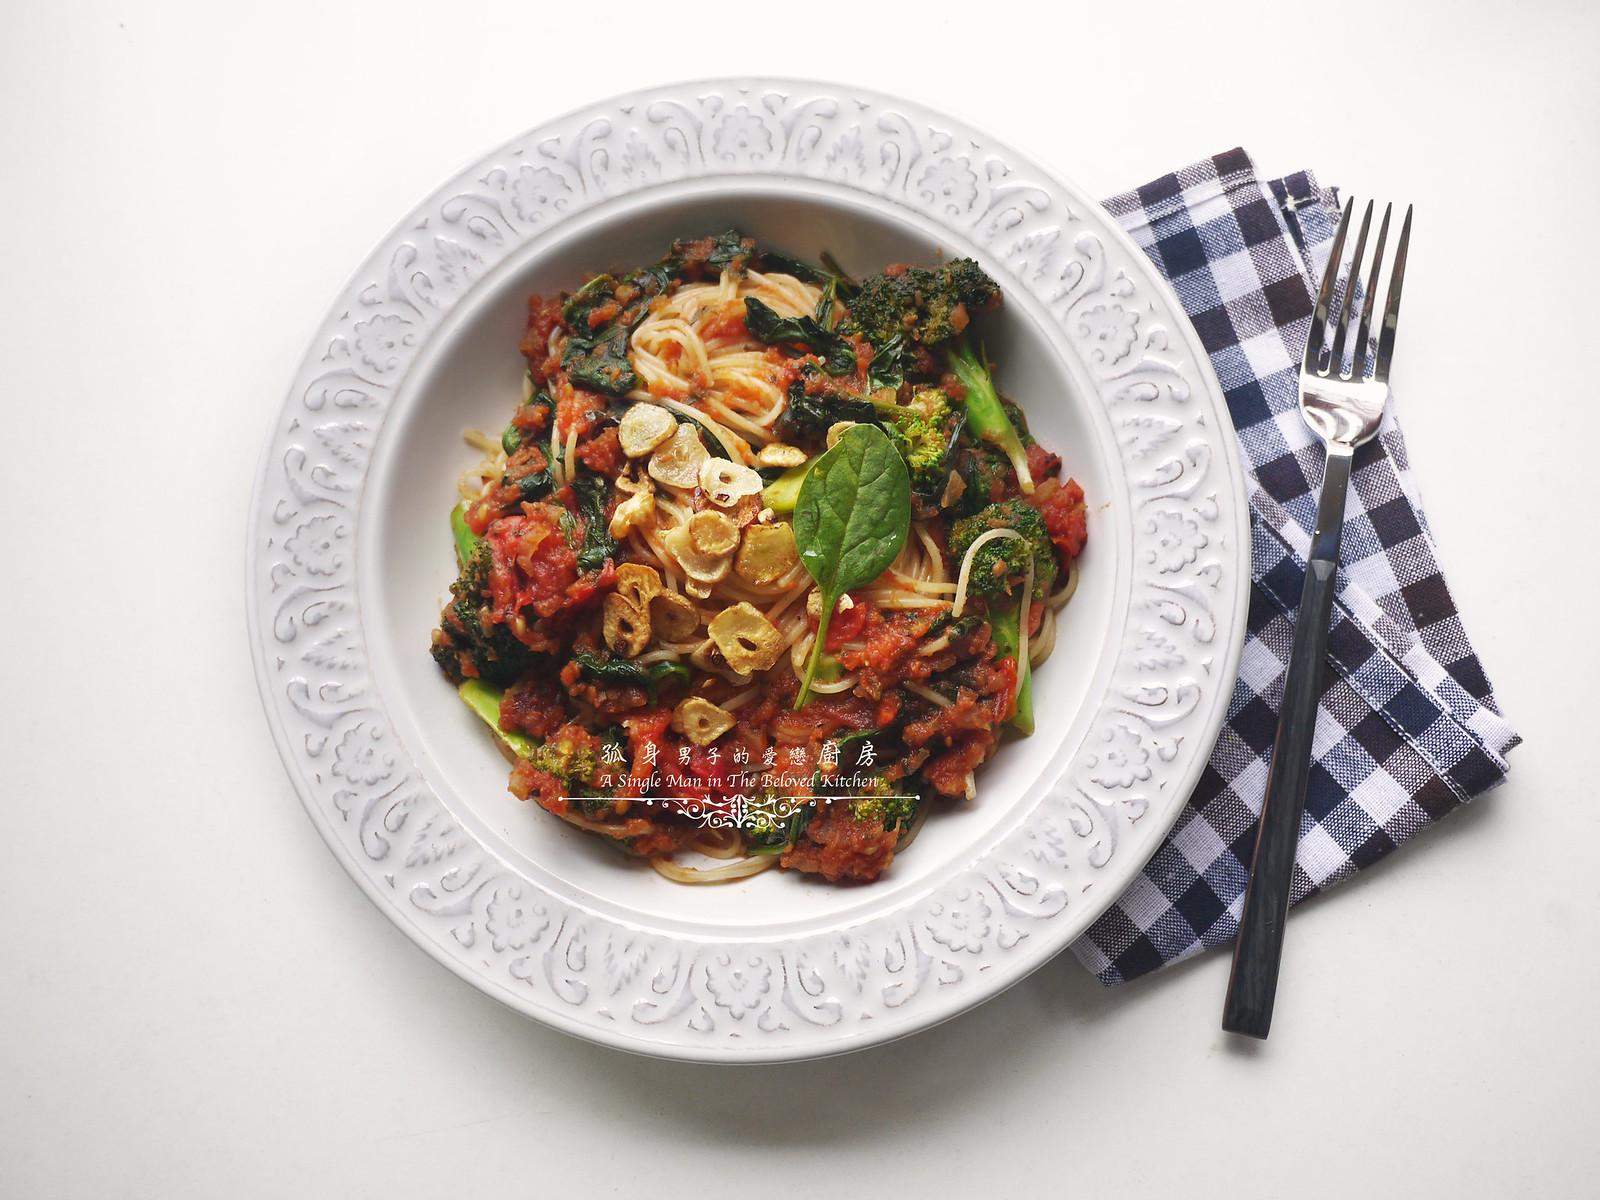 孤身廚房-義大利茄汁紅醬罐頭--自己的紅醬罐頭自己做。不求人39